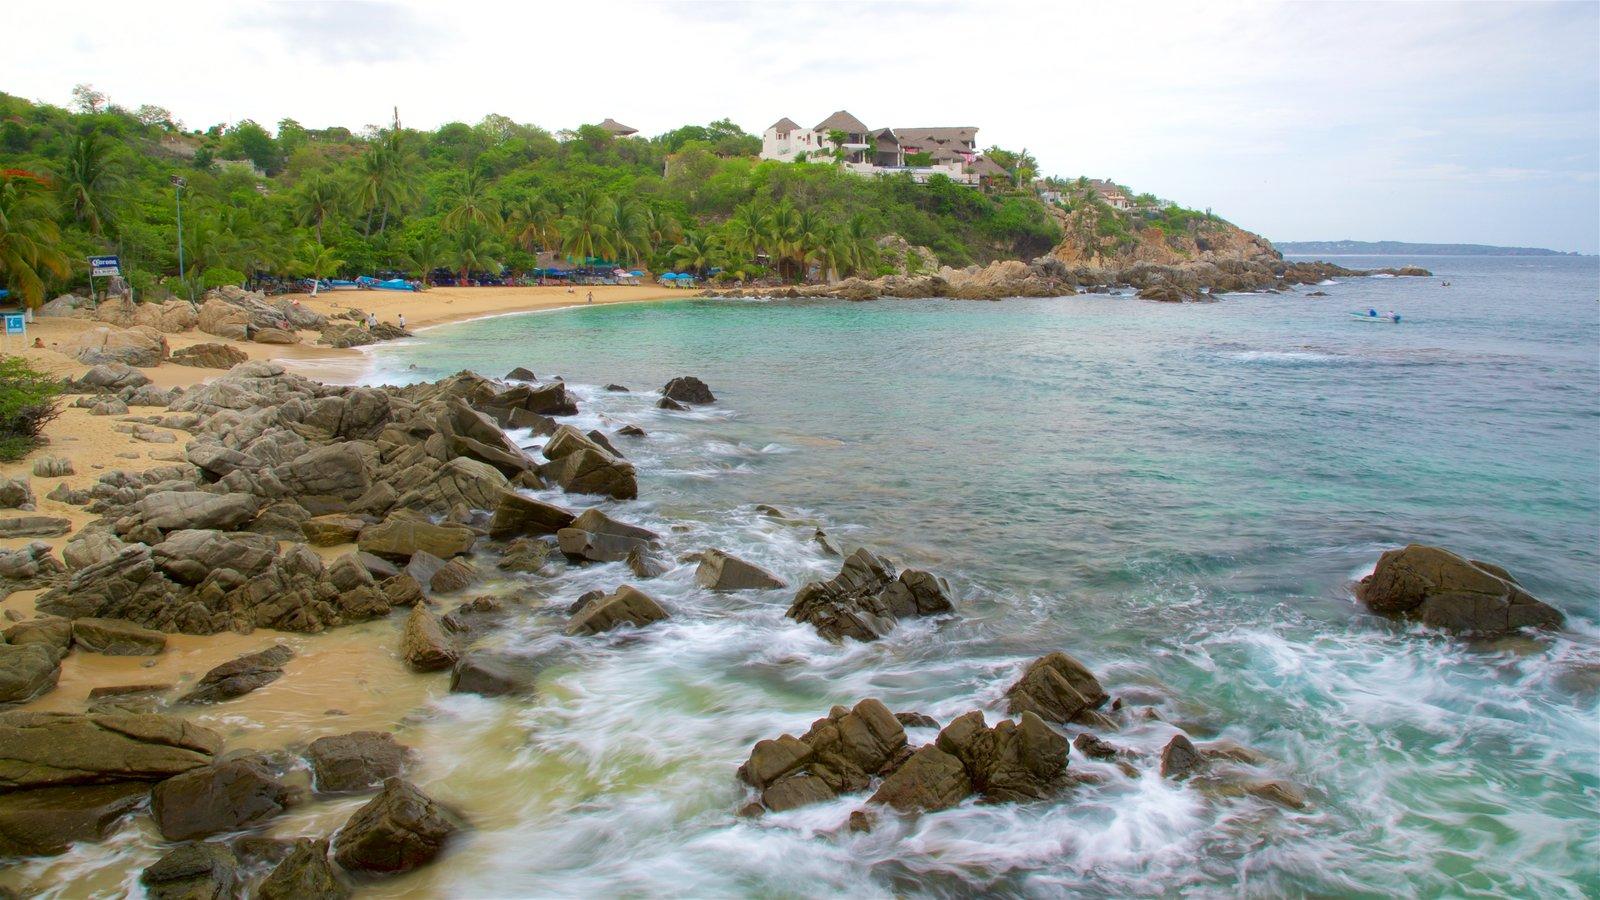 Playa Puerto Angelito mostrando una playa, vistas generales de la costa y costa rocosa